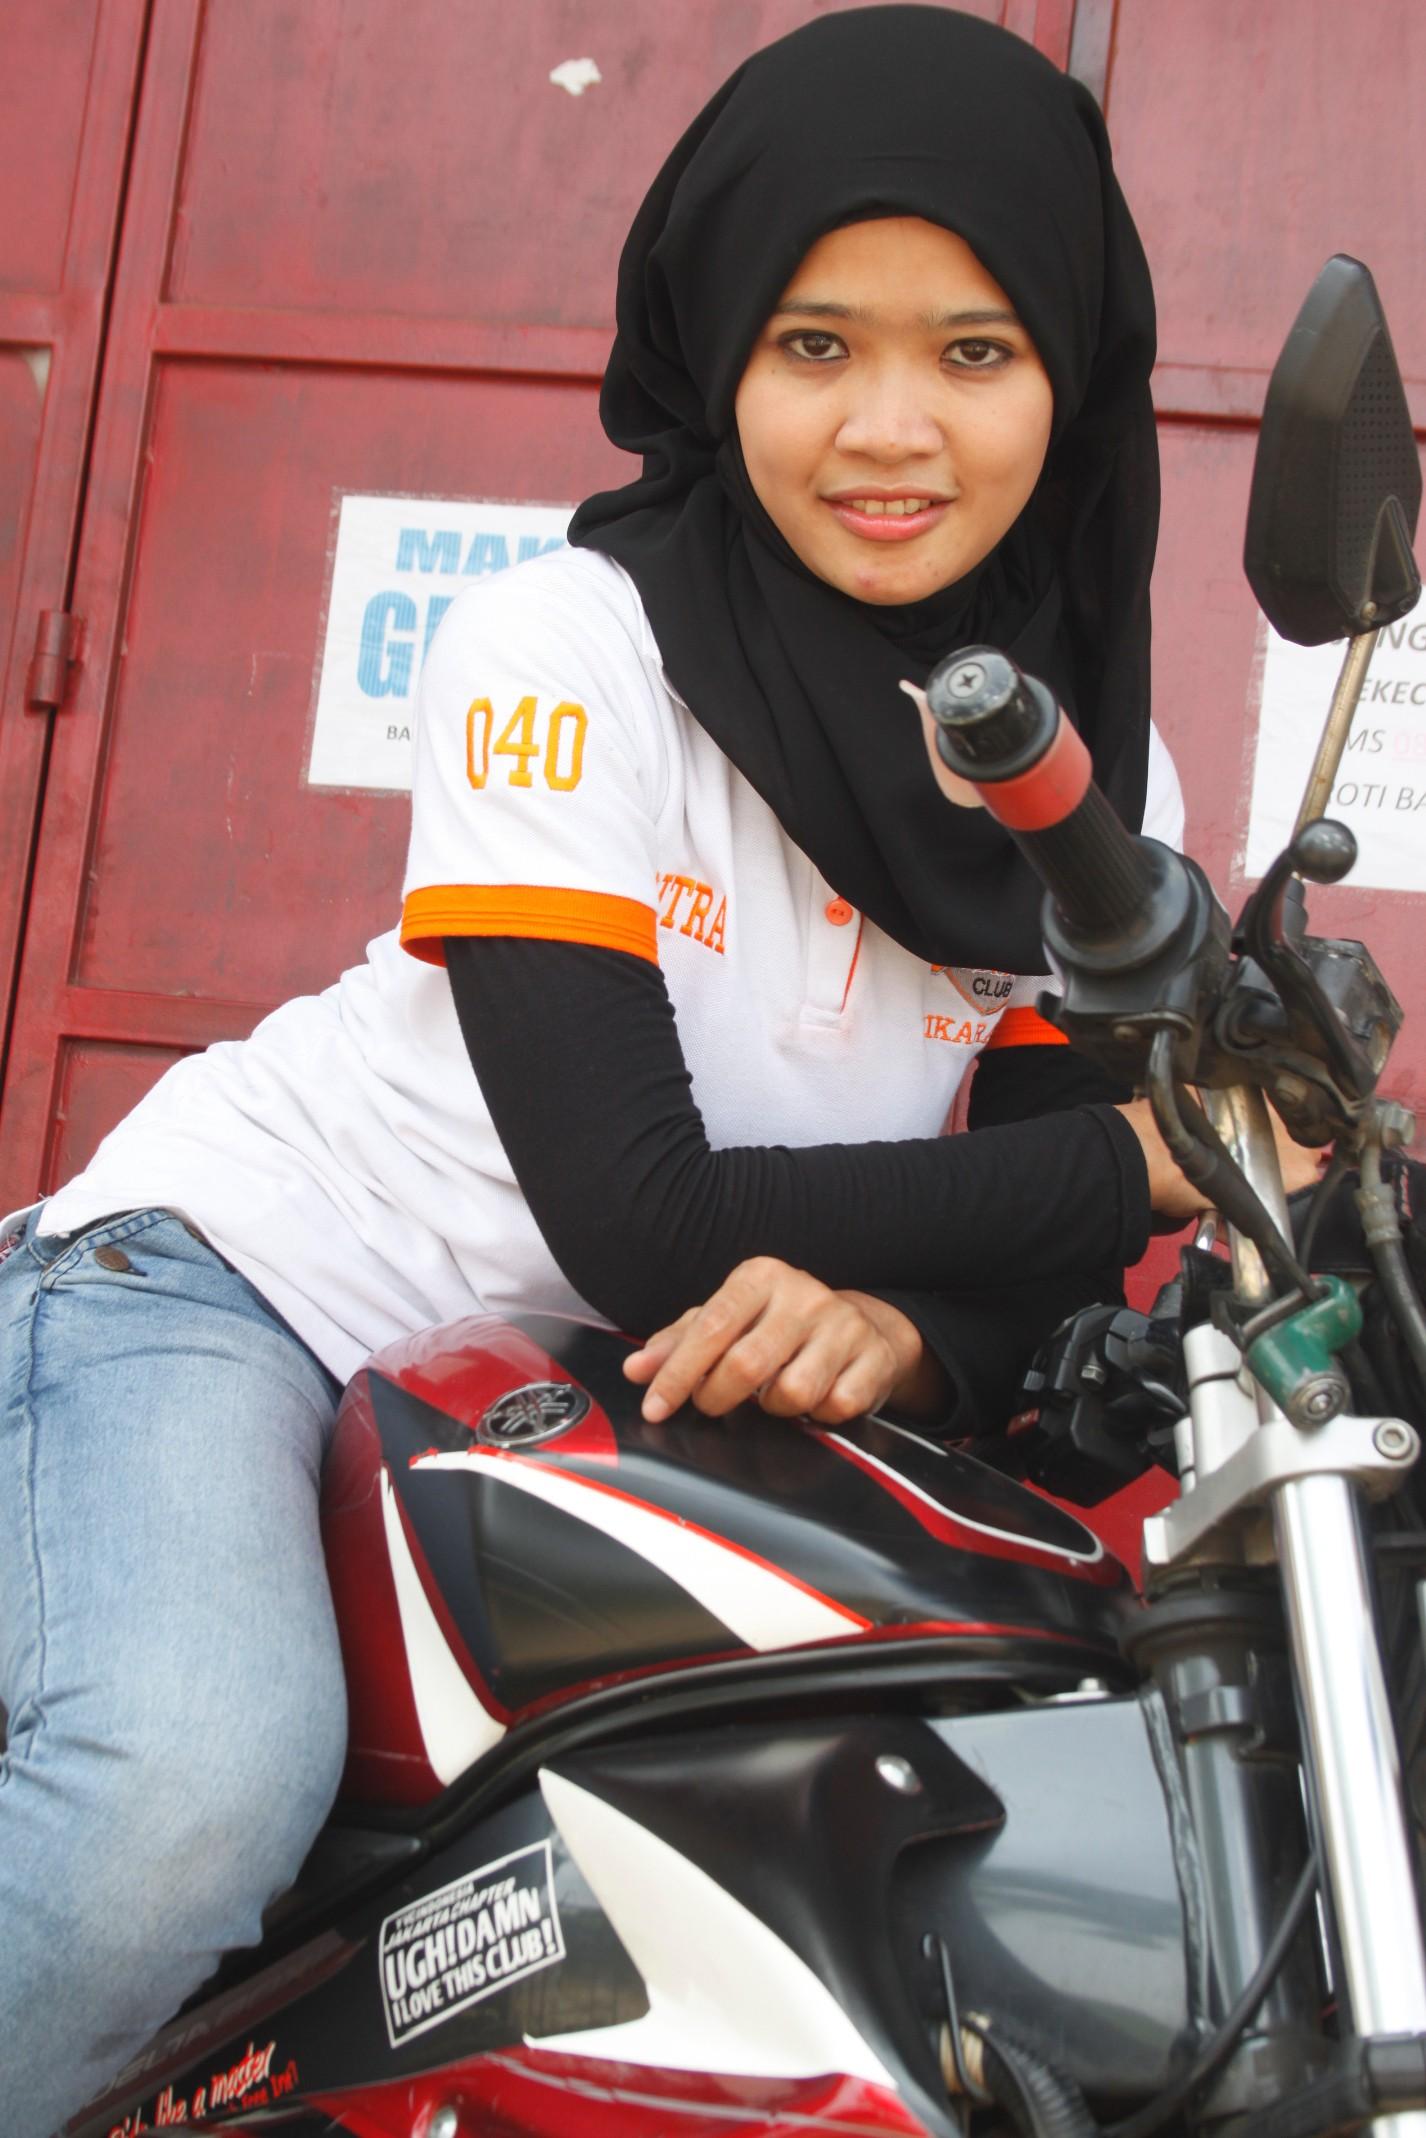 Hijaber Tetap Cantik Kok Pake Helm Edo Rusyantos Traffic